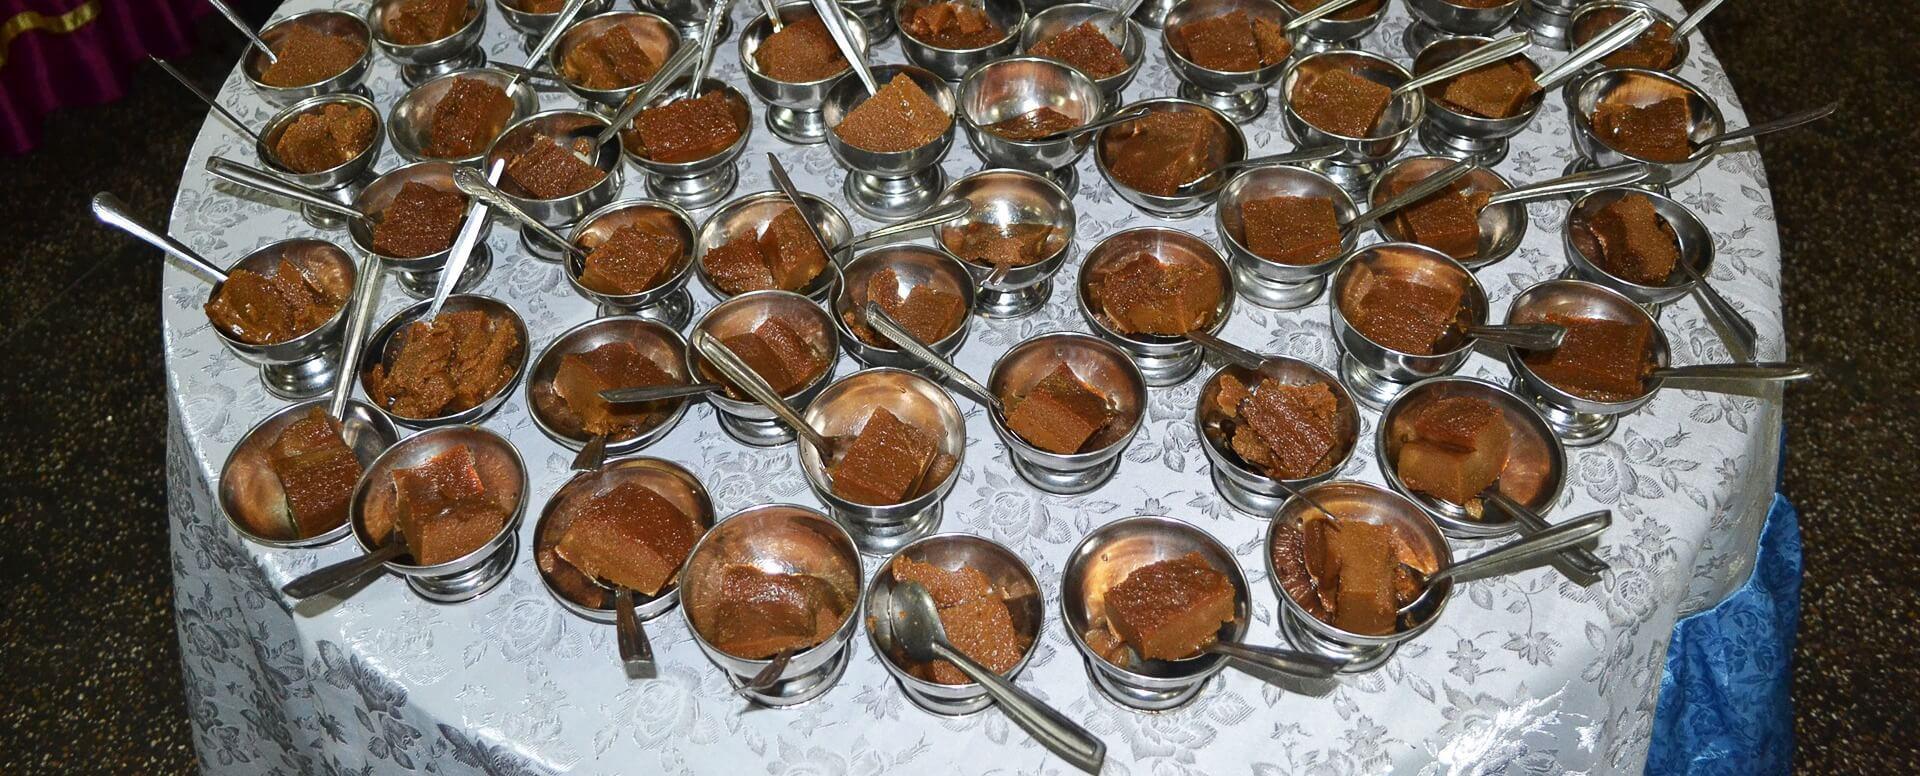 Des desserts au parfum exotique - Sri Lanka